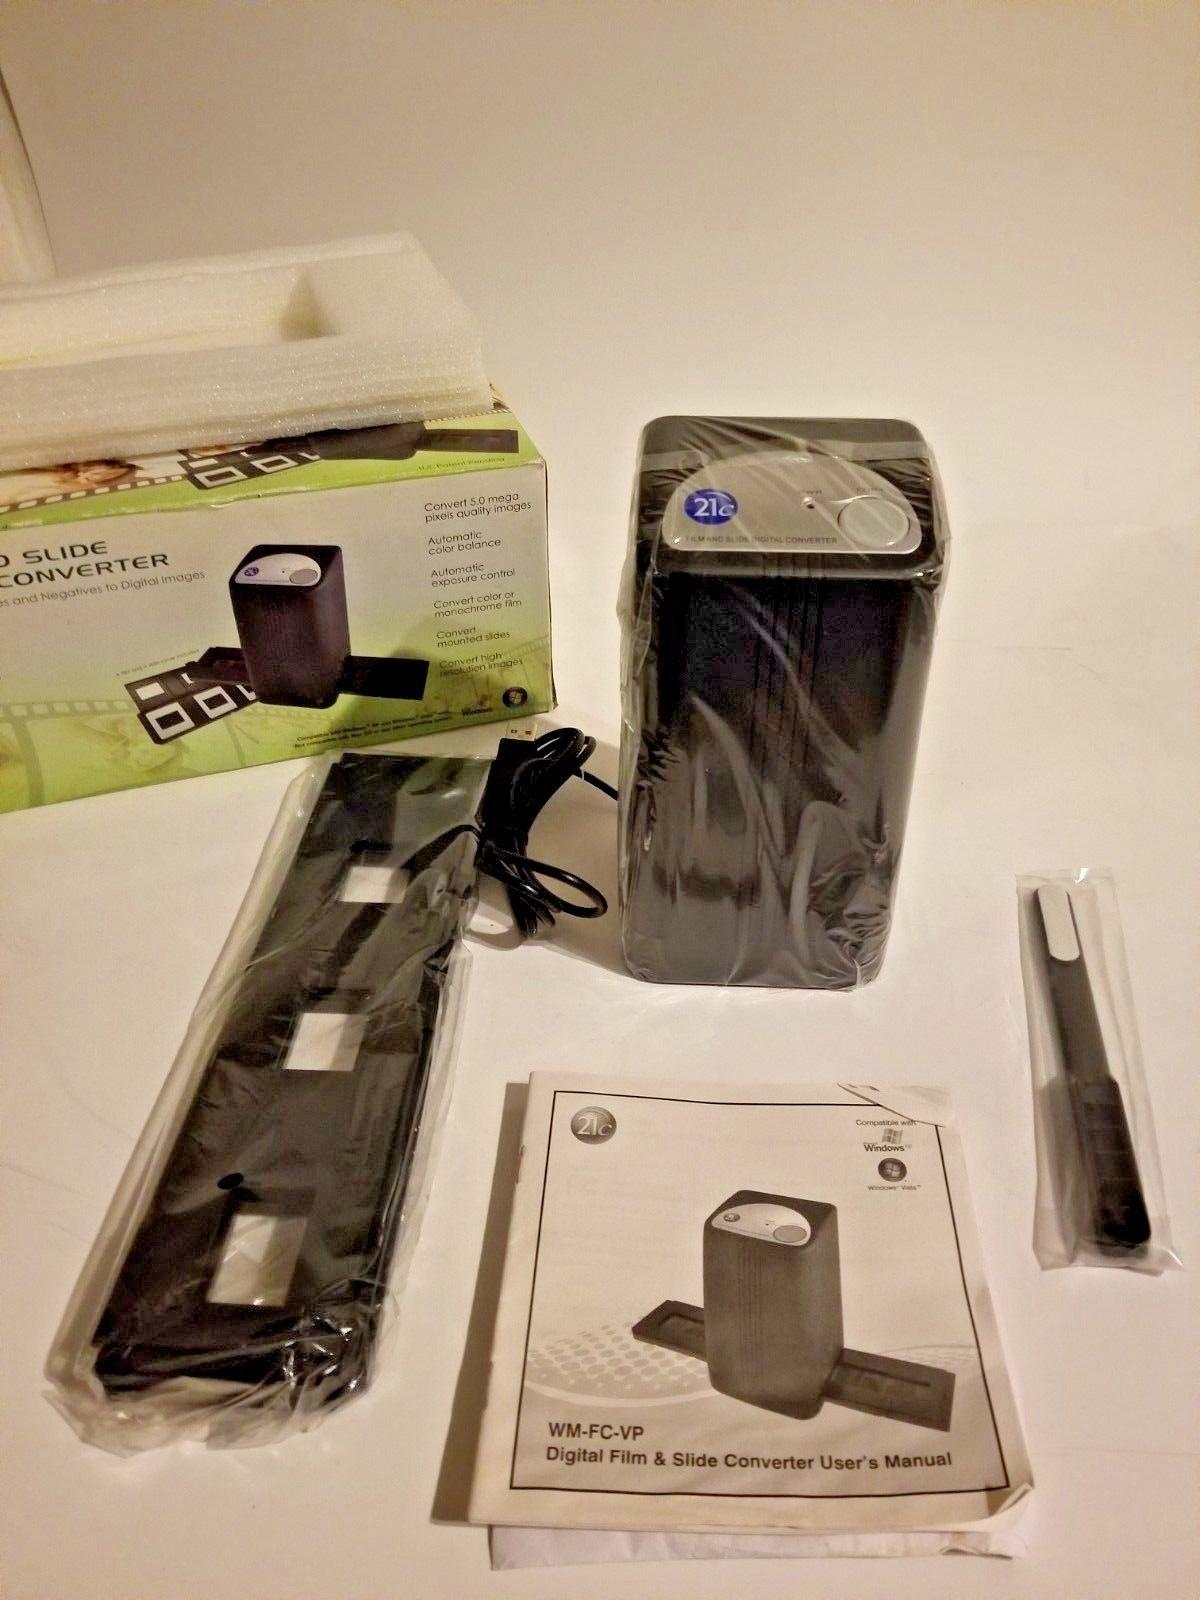 21C Film and slide digital converter